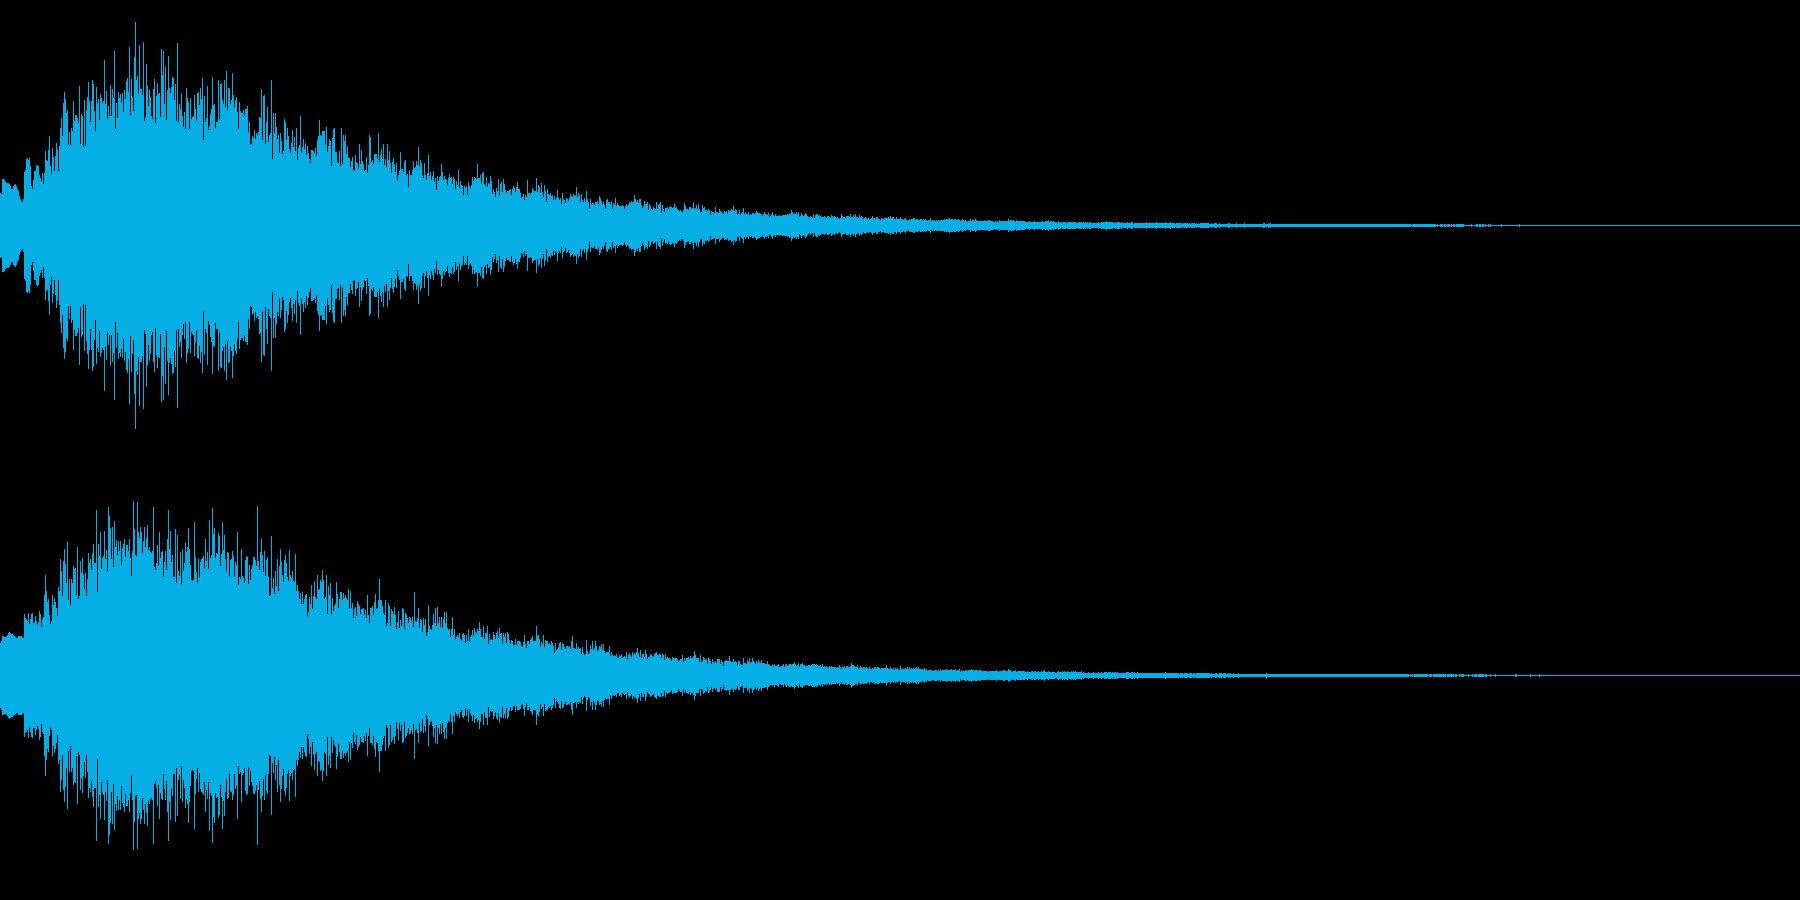 キラキラ シャララーン アイキャッチ04の再生済みの波形